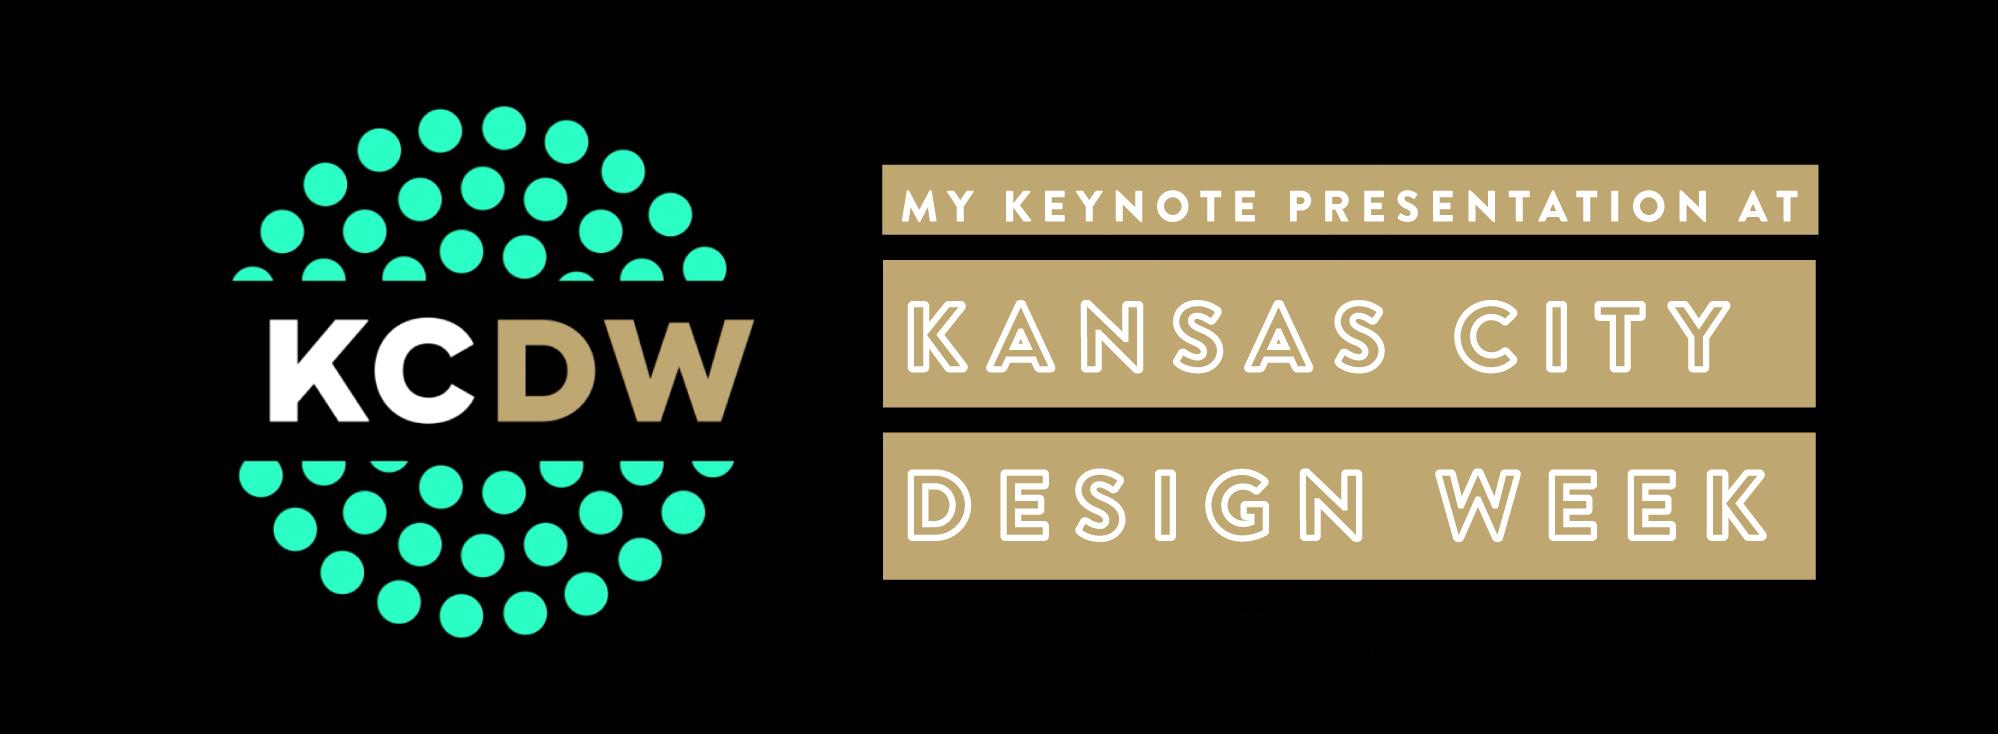 KCDesignWeek-Keynote-Header.jpg